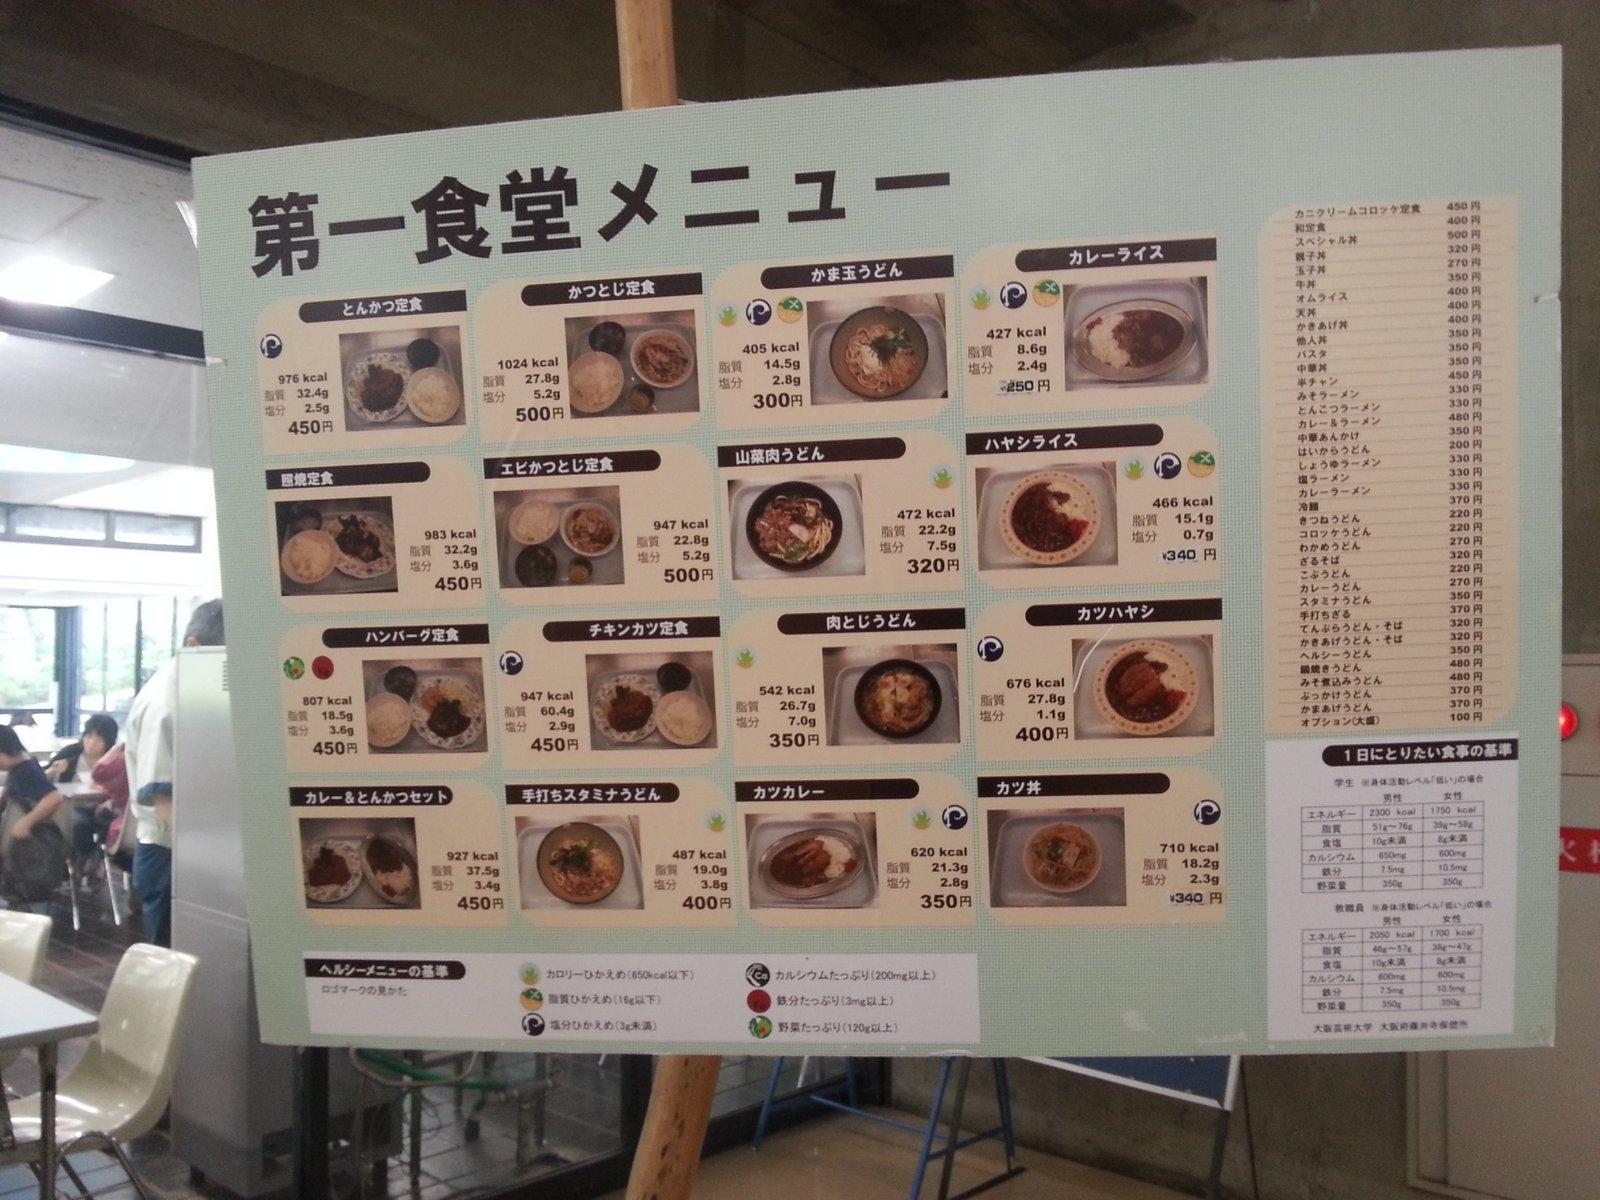 大阪芸大第一食堂